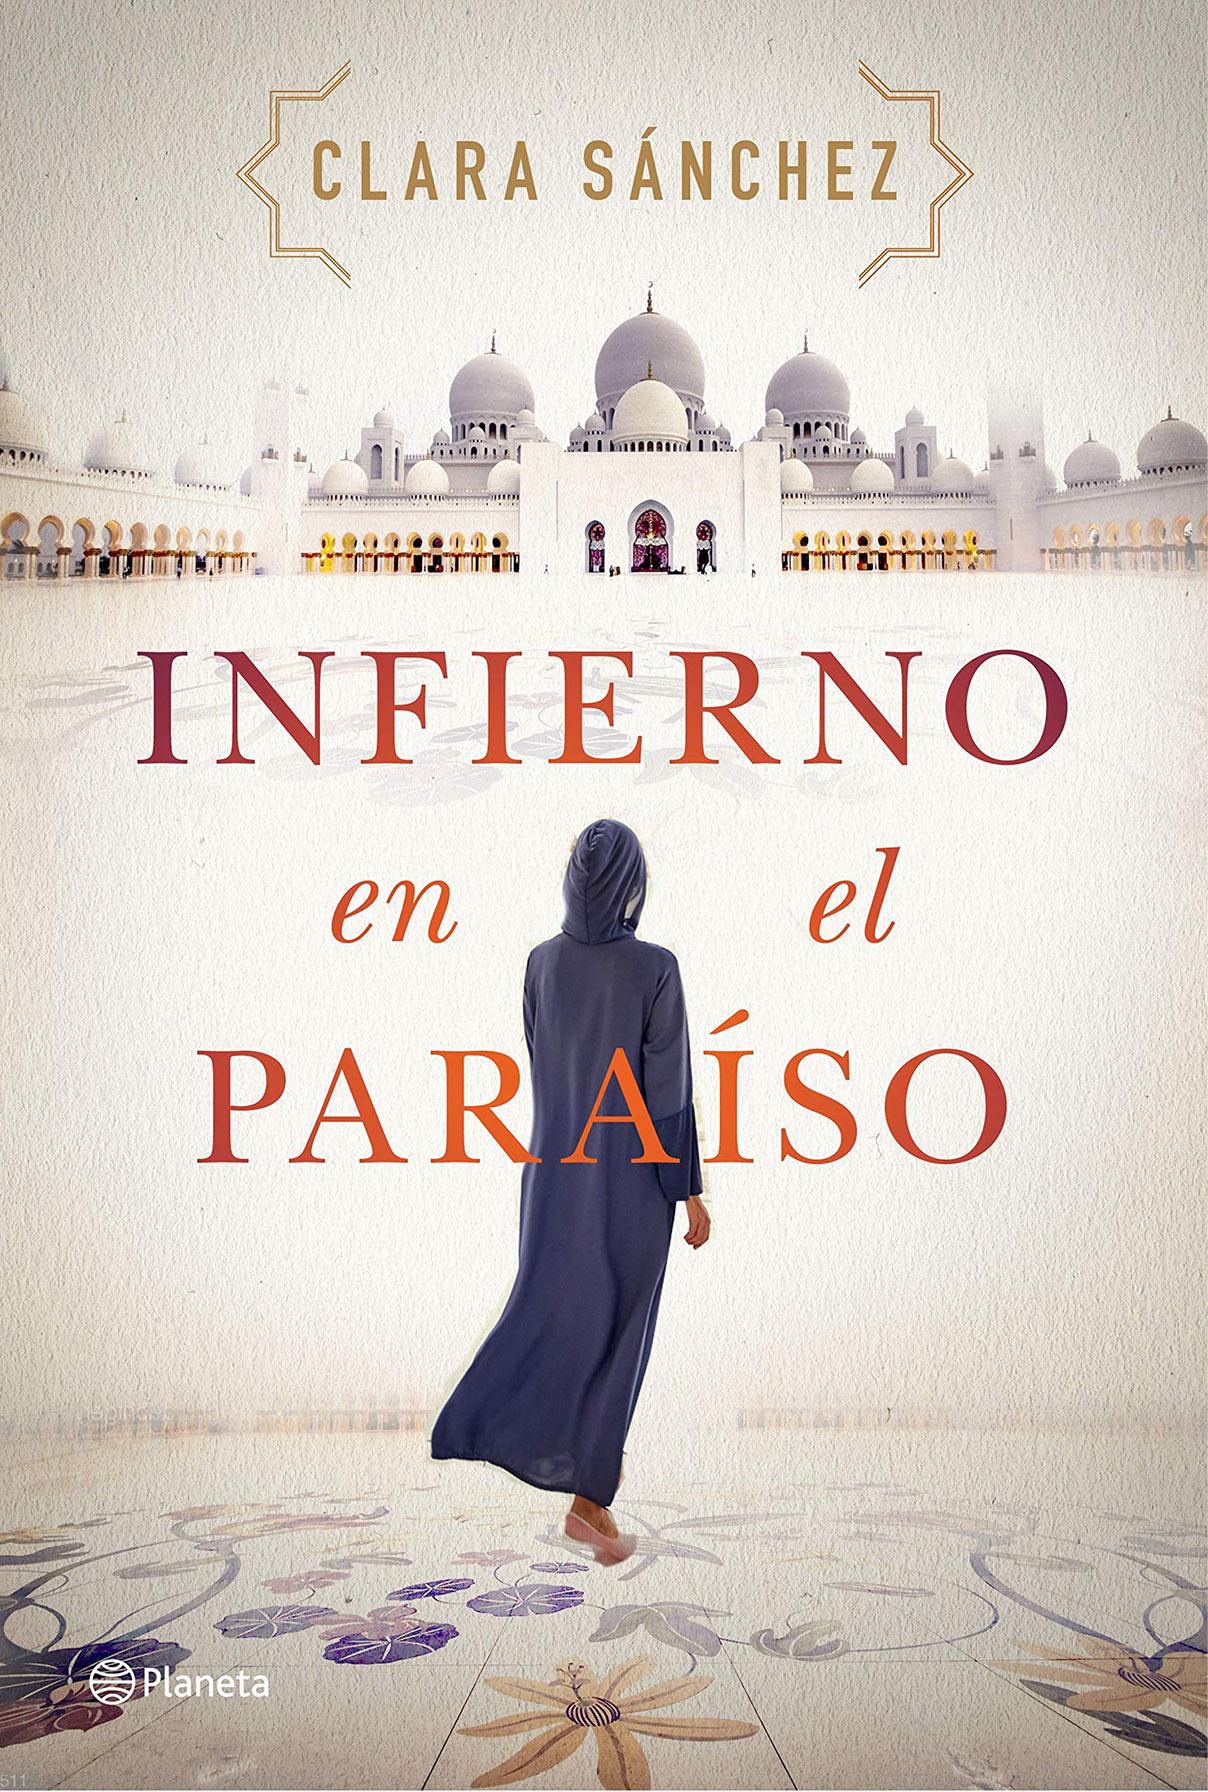 """Clara Sánchez: """"Infierno en el paraíso me permite hablar de la libertad y de la capacidad o no de decidir de las personas"""" - infierno en el paraíso"""